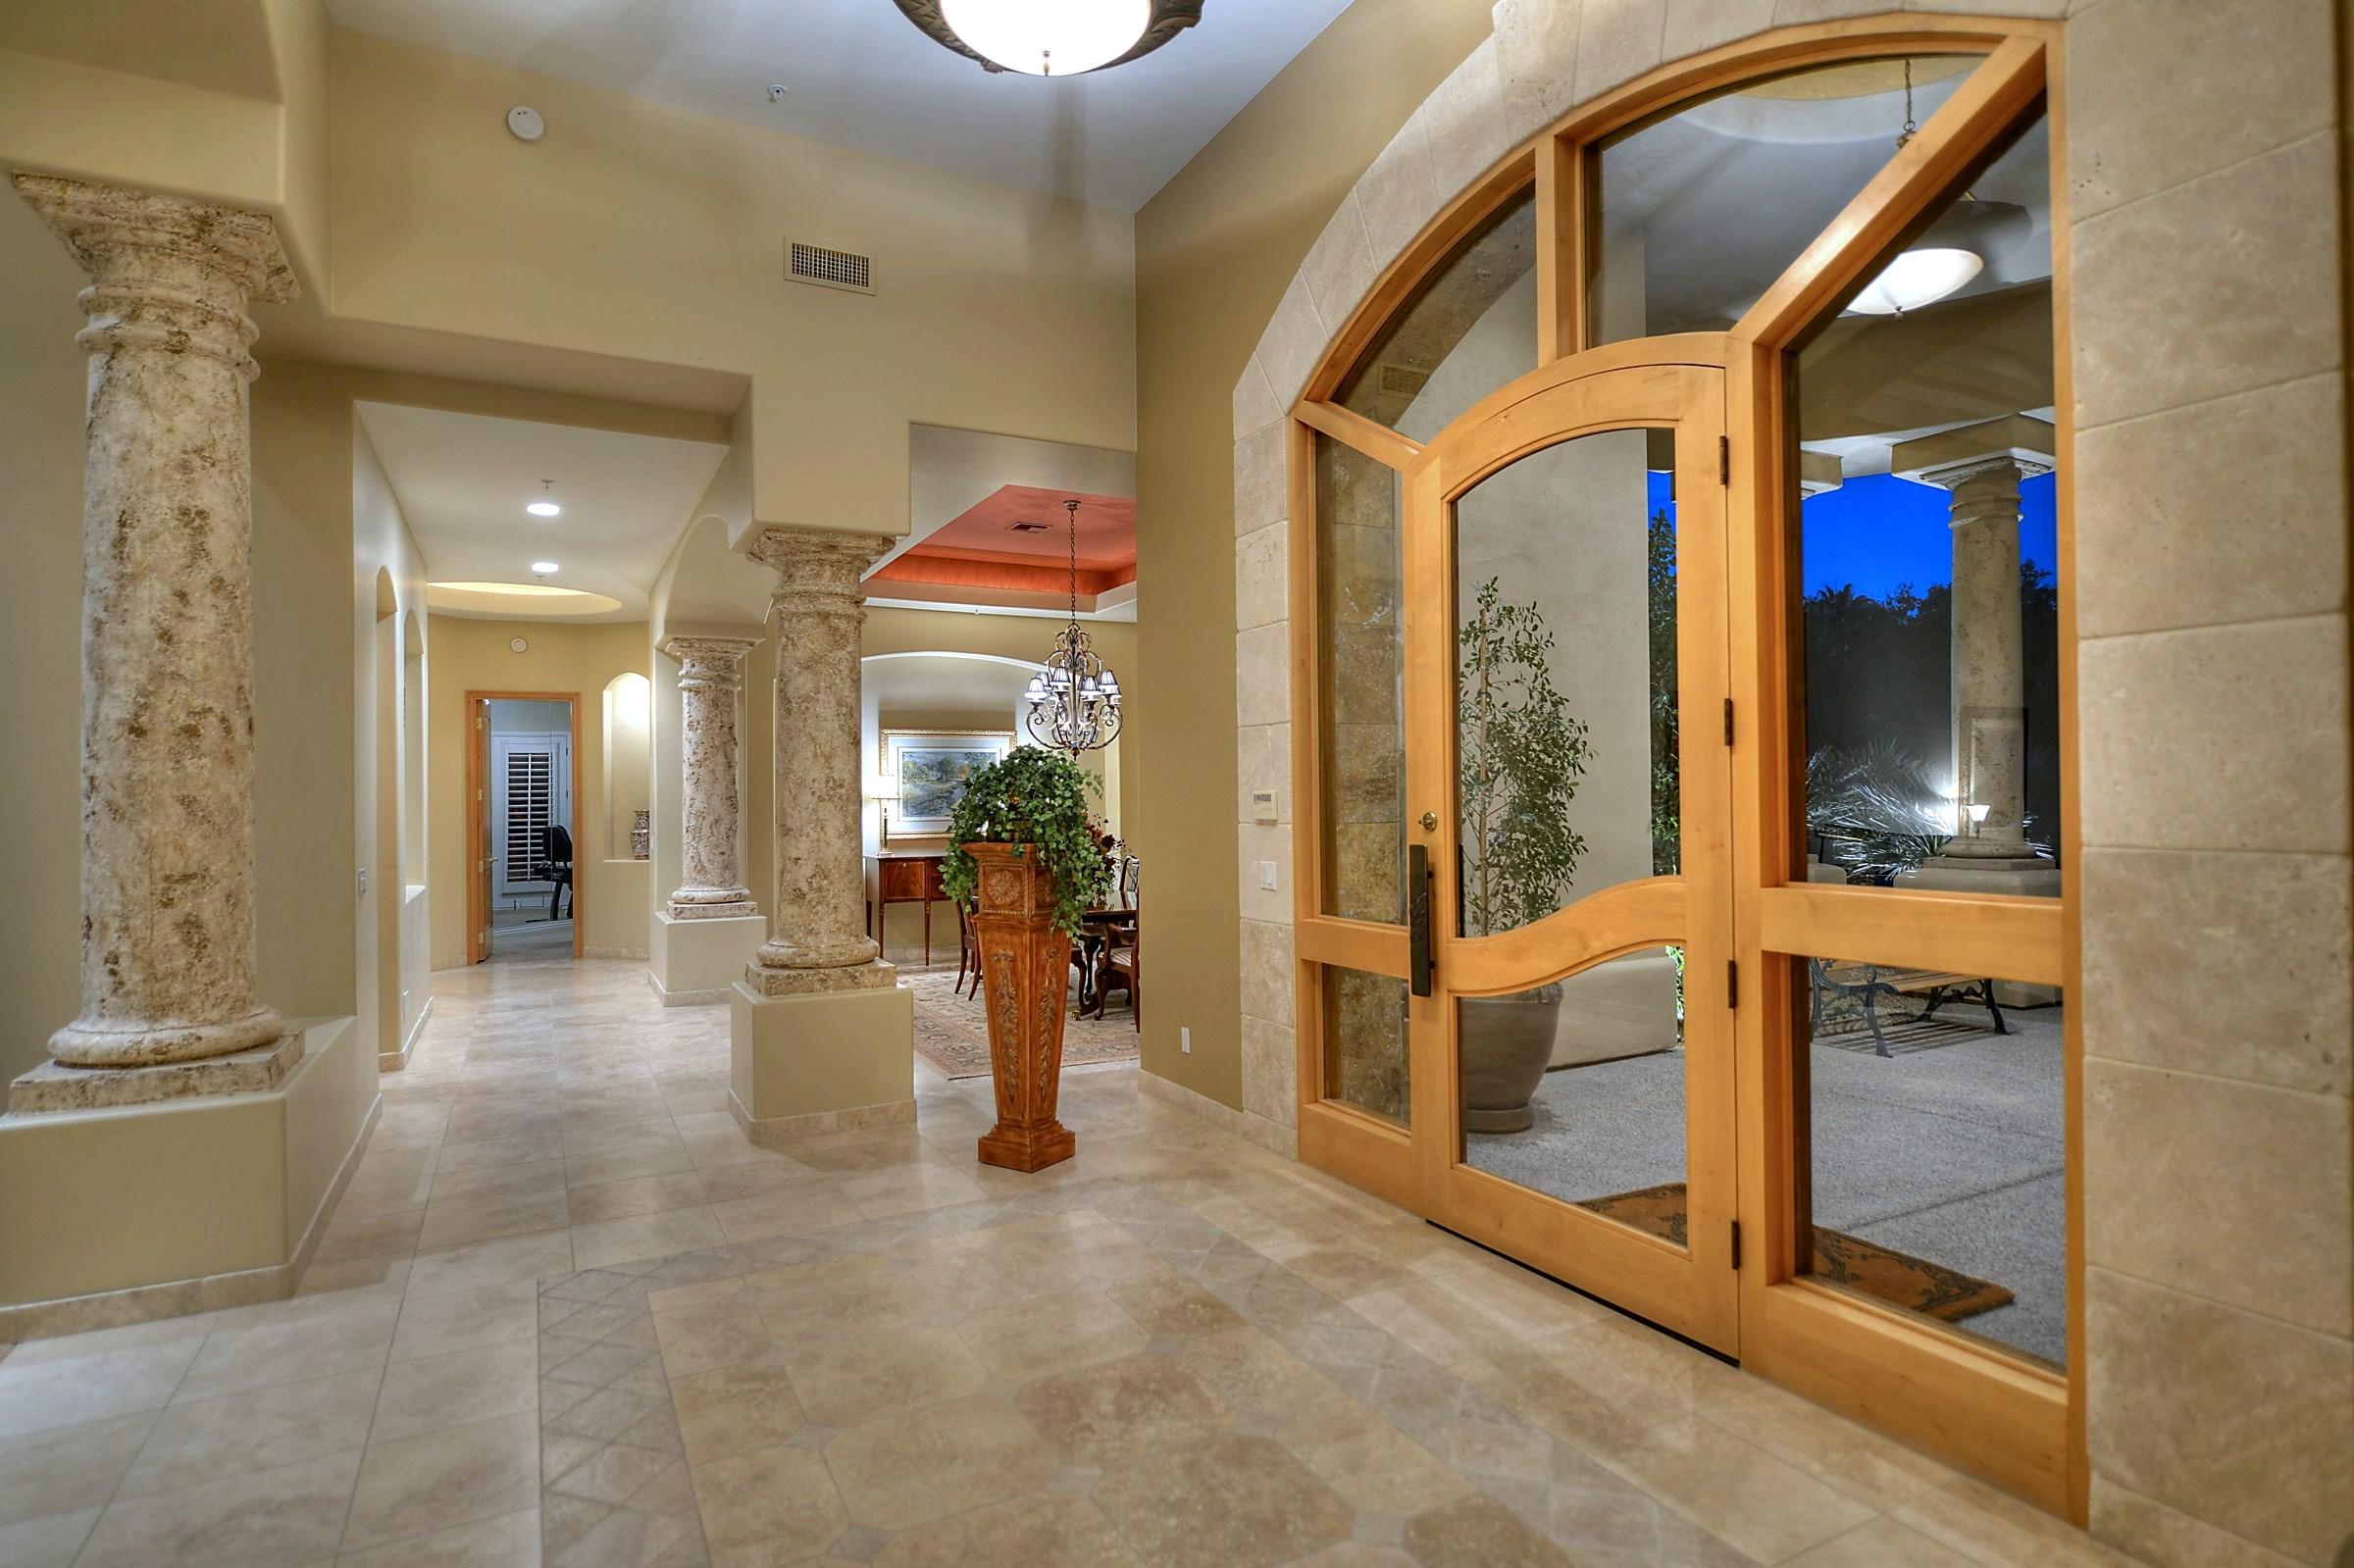 ScottsdaleHomeFoyer